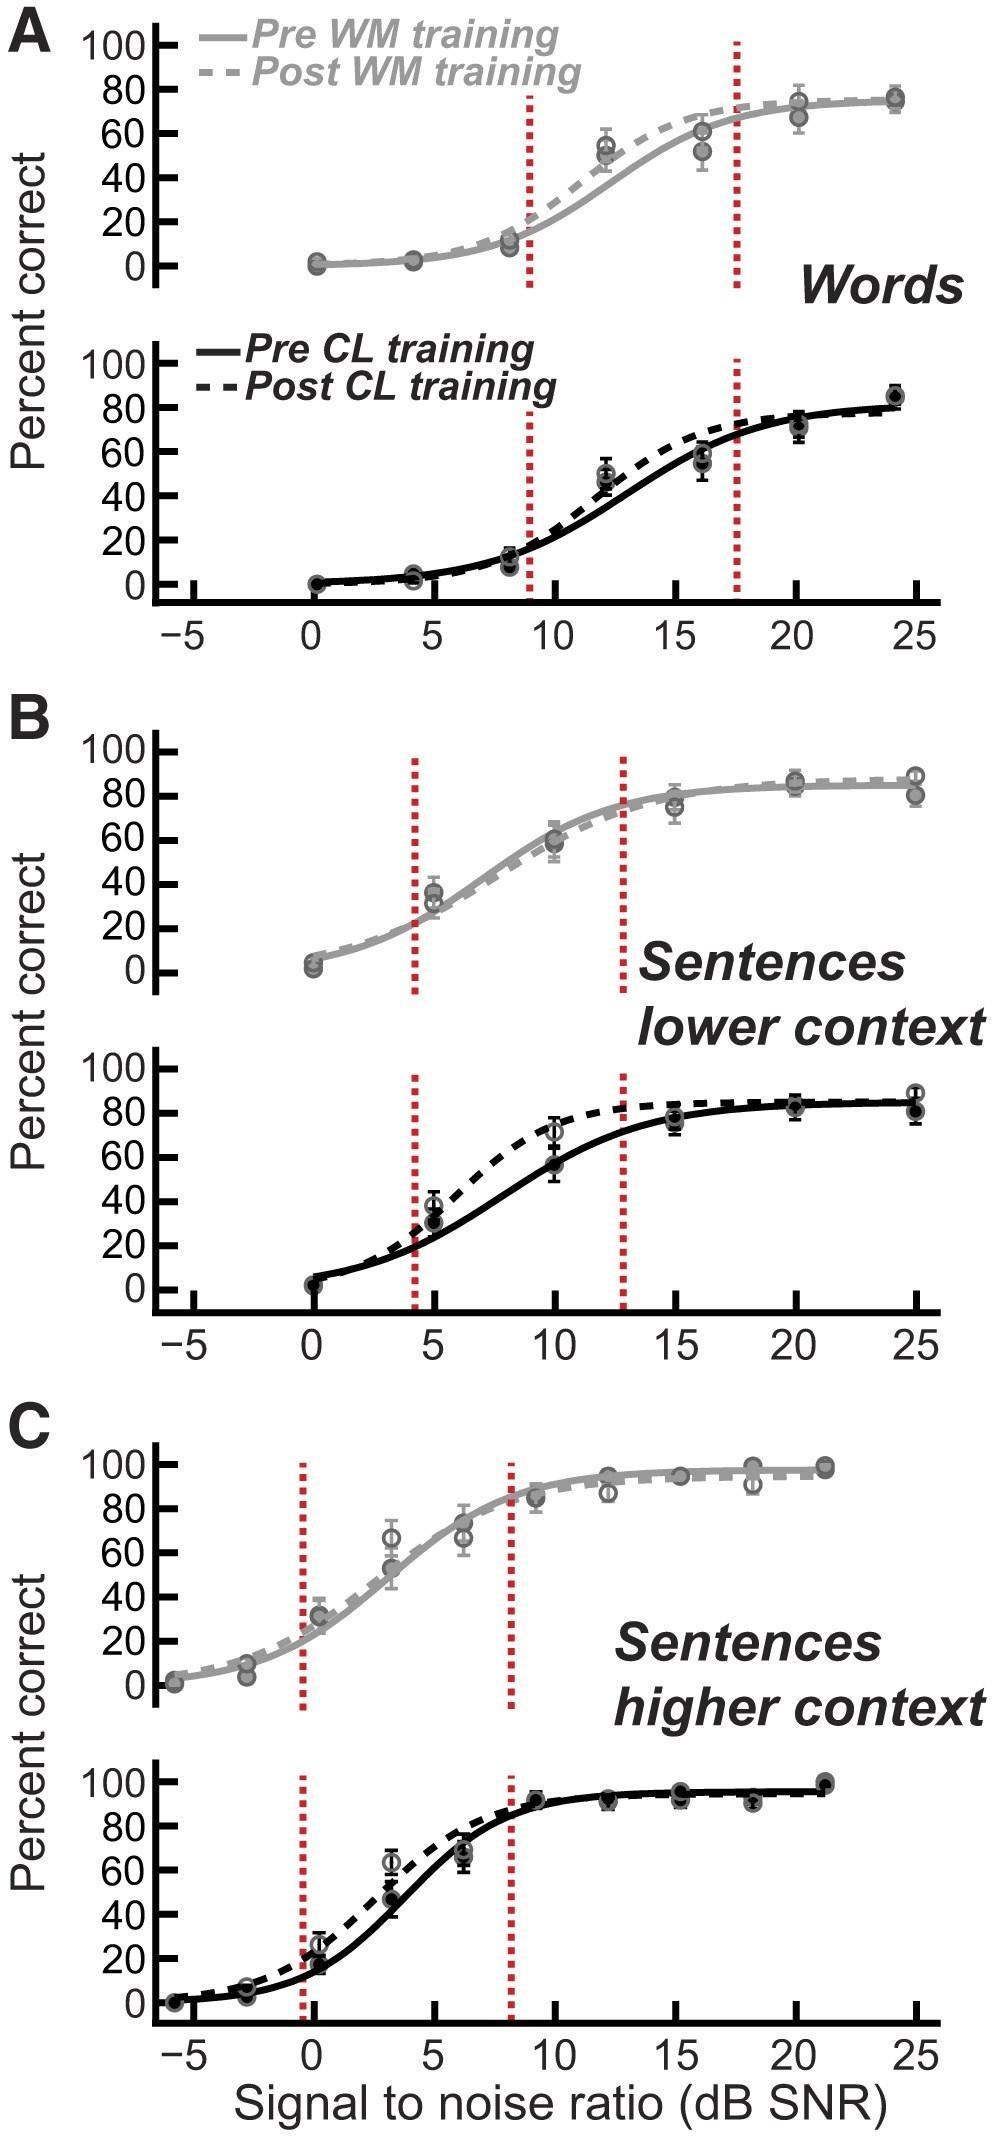 тренировка слухового восприятия улучшила понимание речи